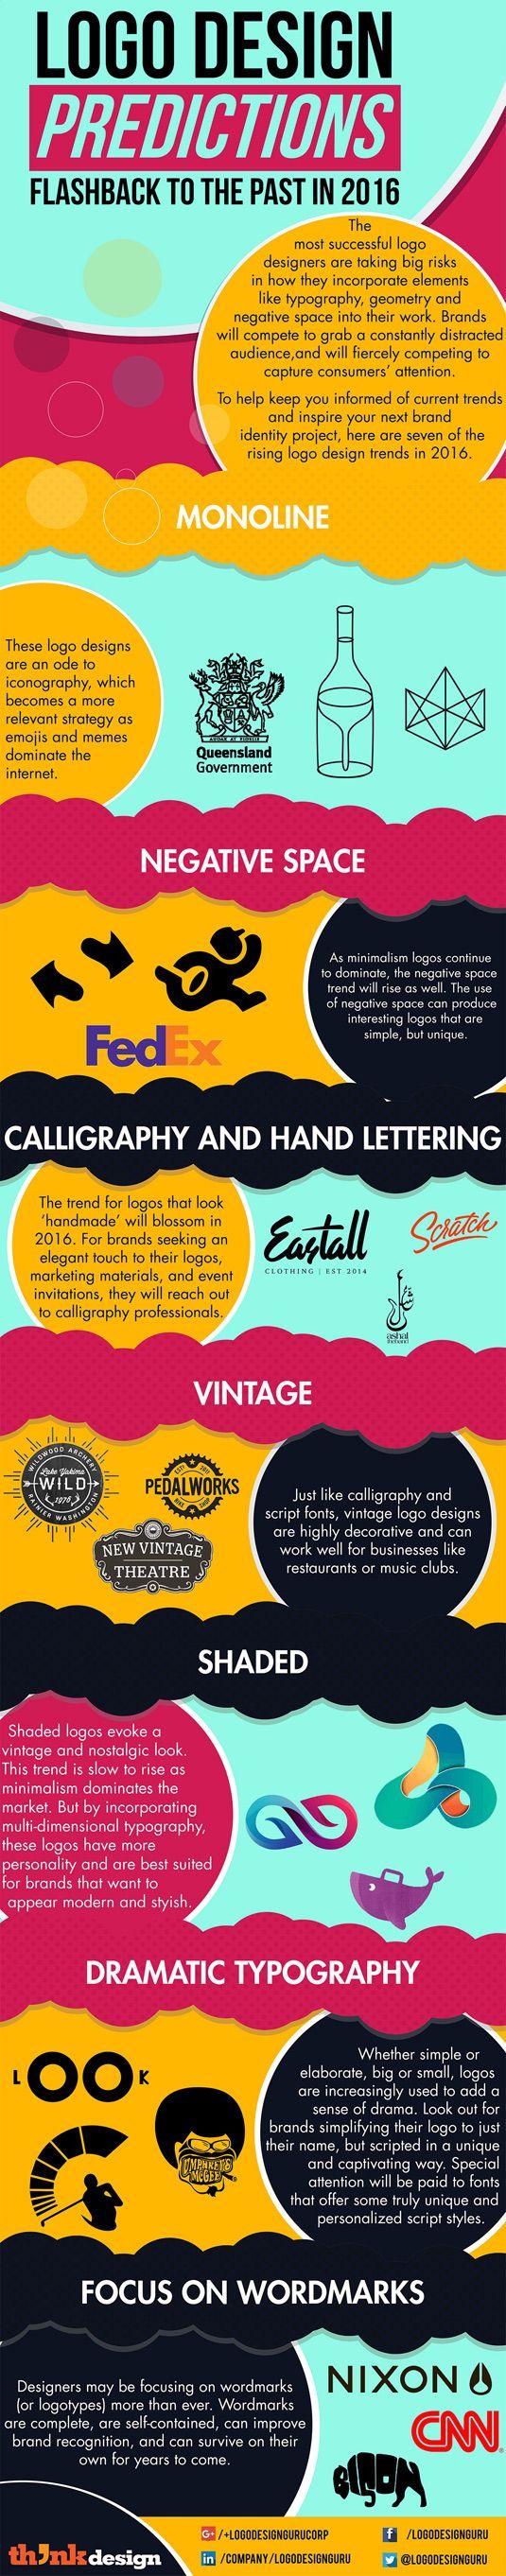 Die brandneuen Logo-Design-Trends für 2016 [Infografik] - Dr. Web